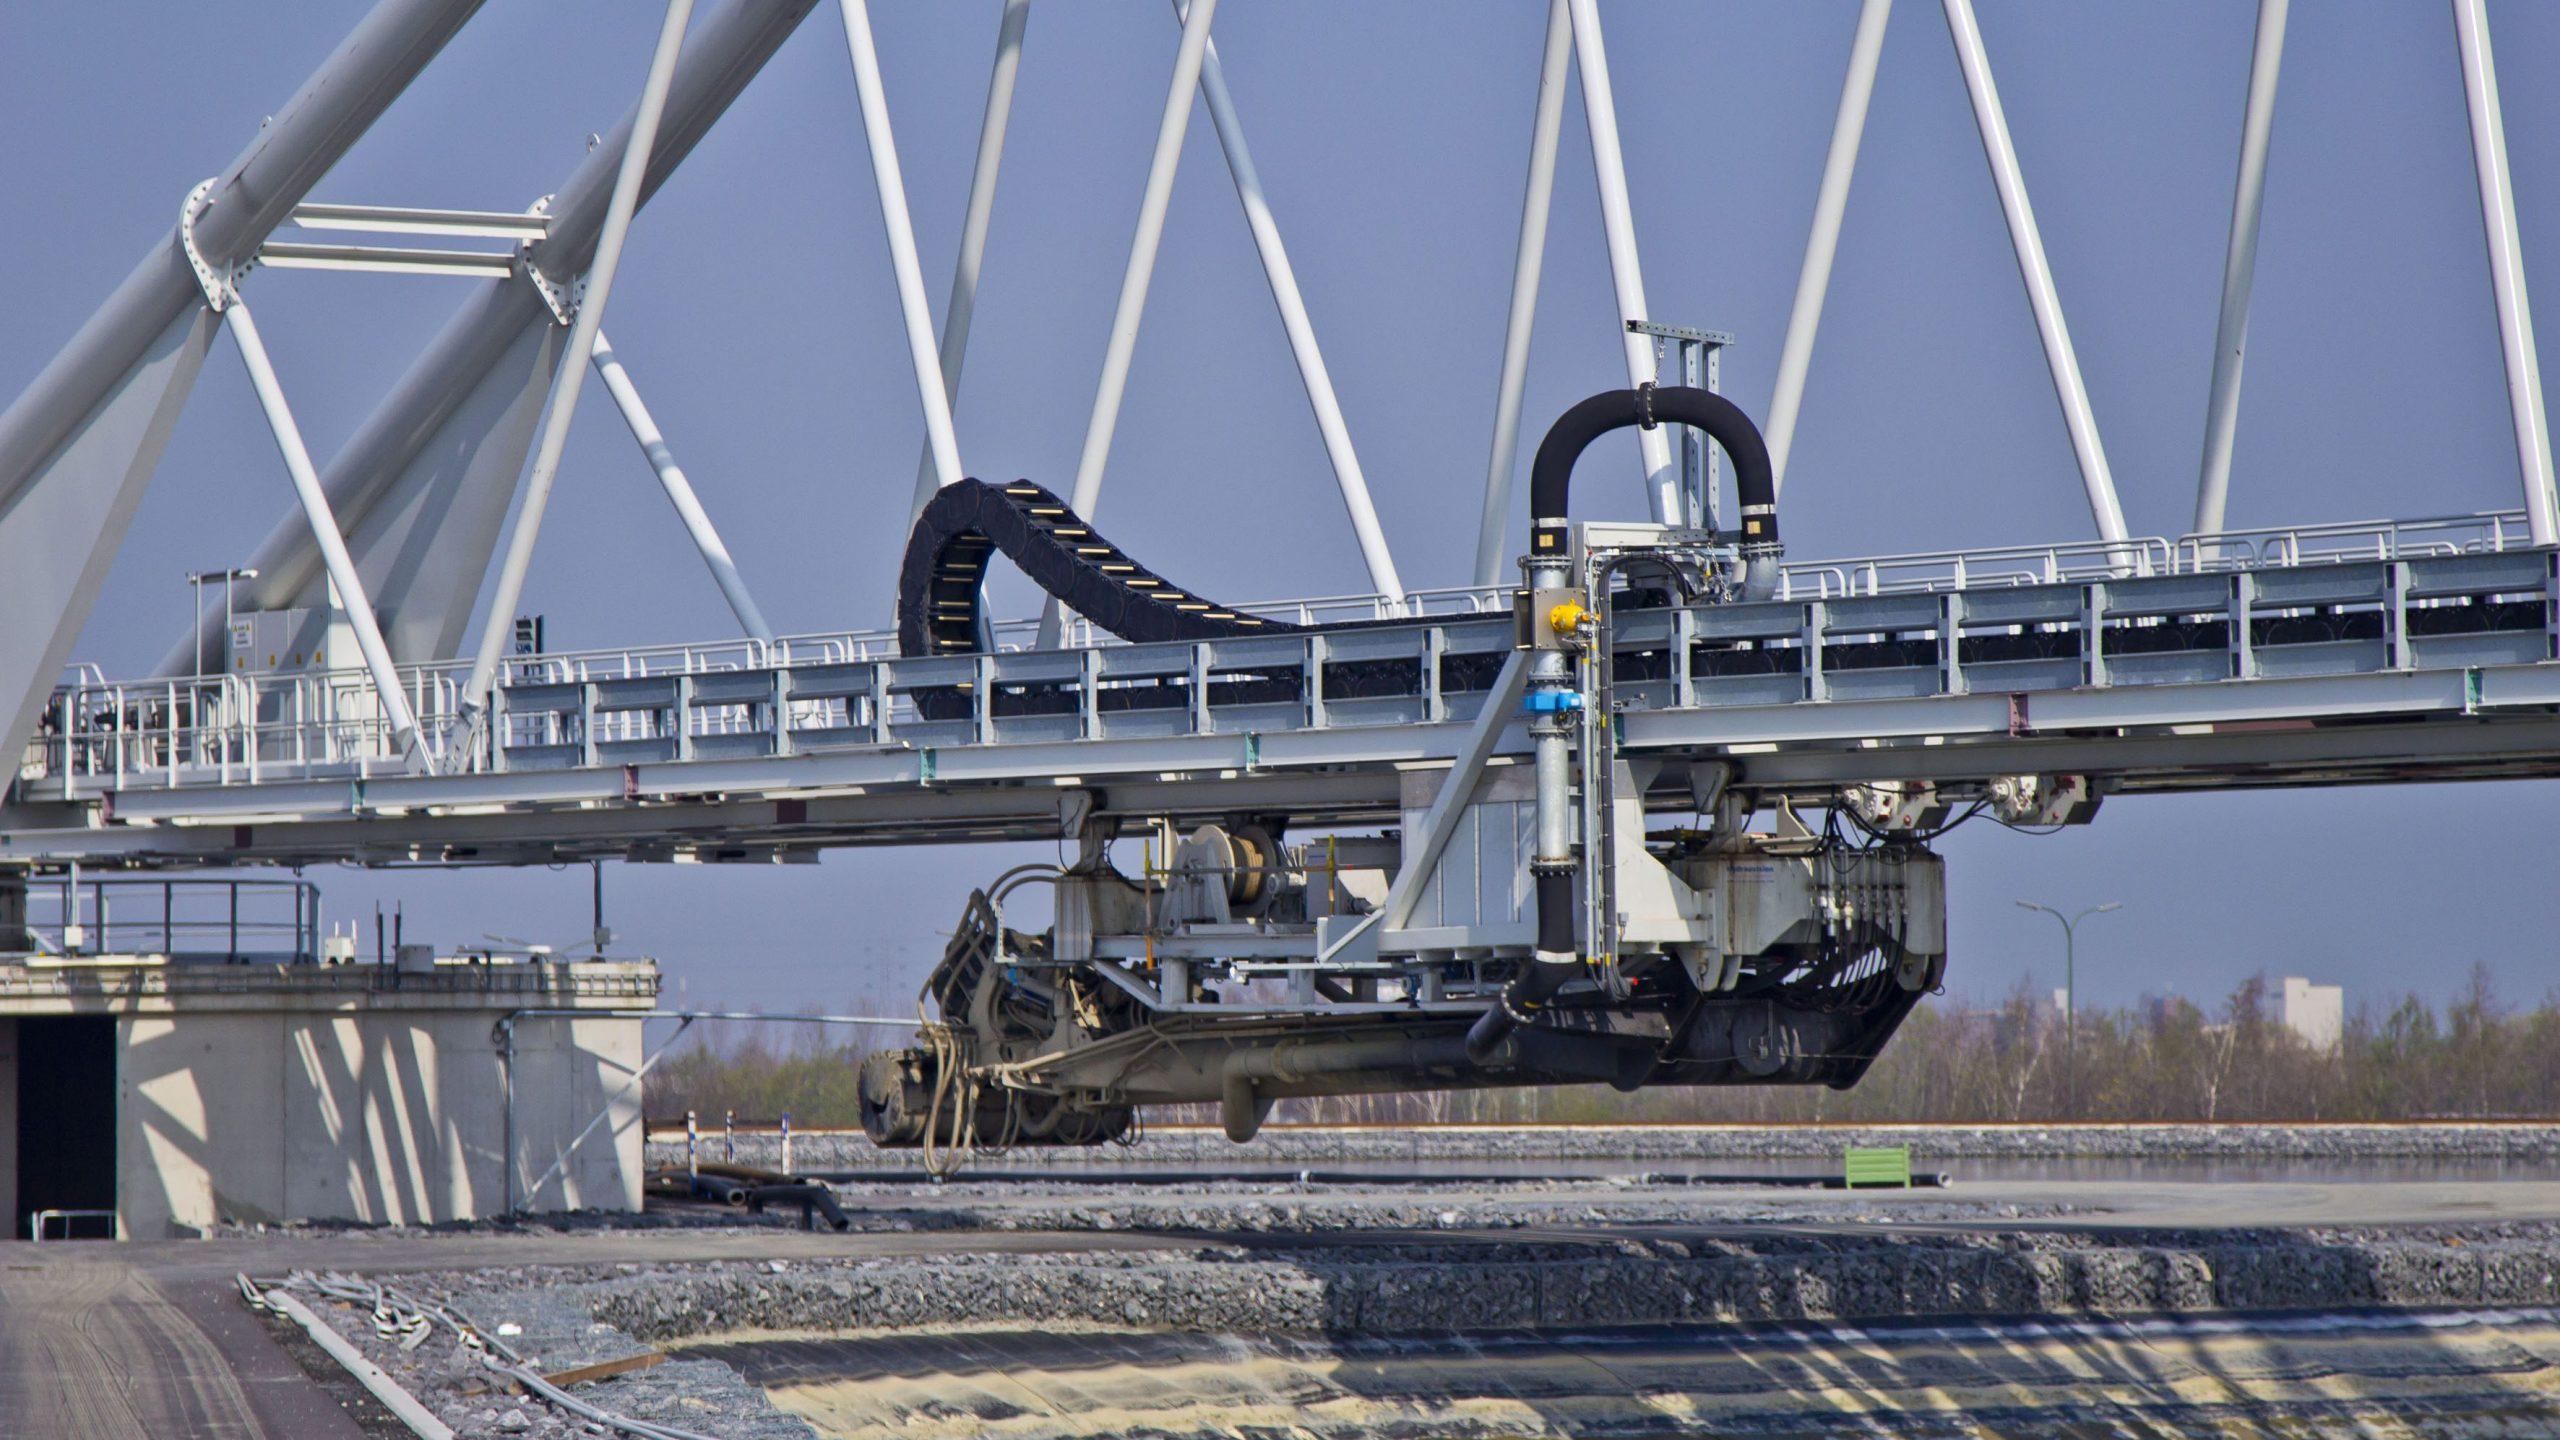 Verfahrbare Pumpeneinheiten der Brücke, im Bild mit eingeklapptem Schwenkarm